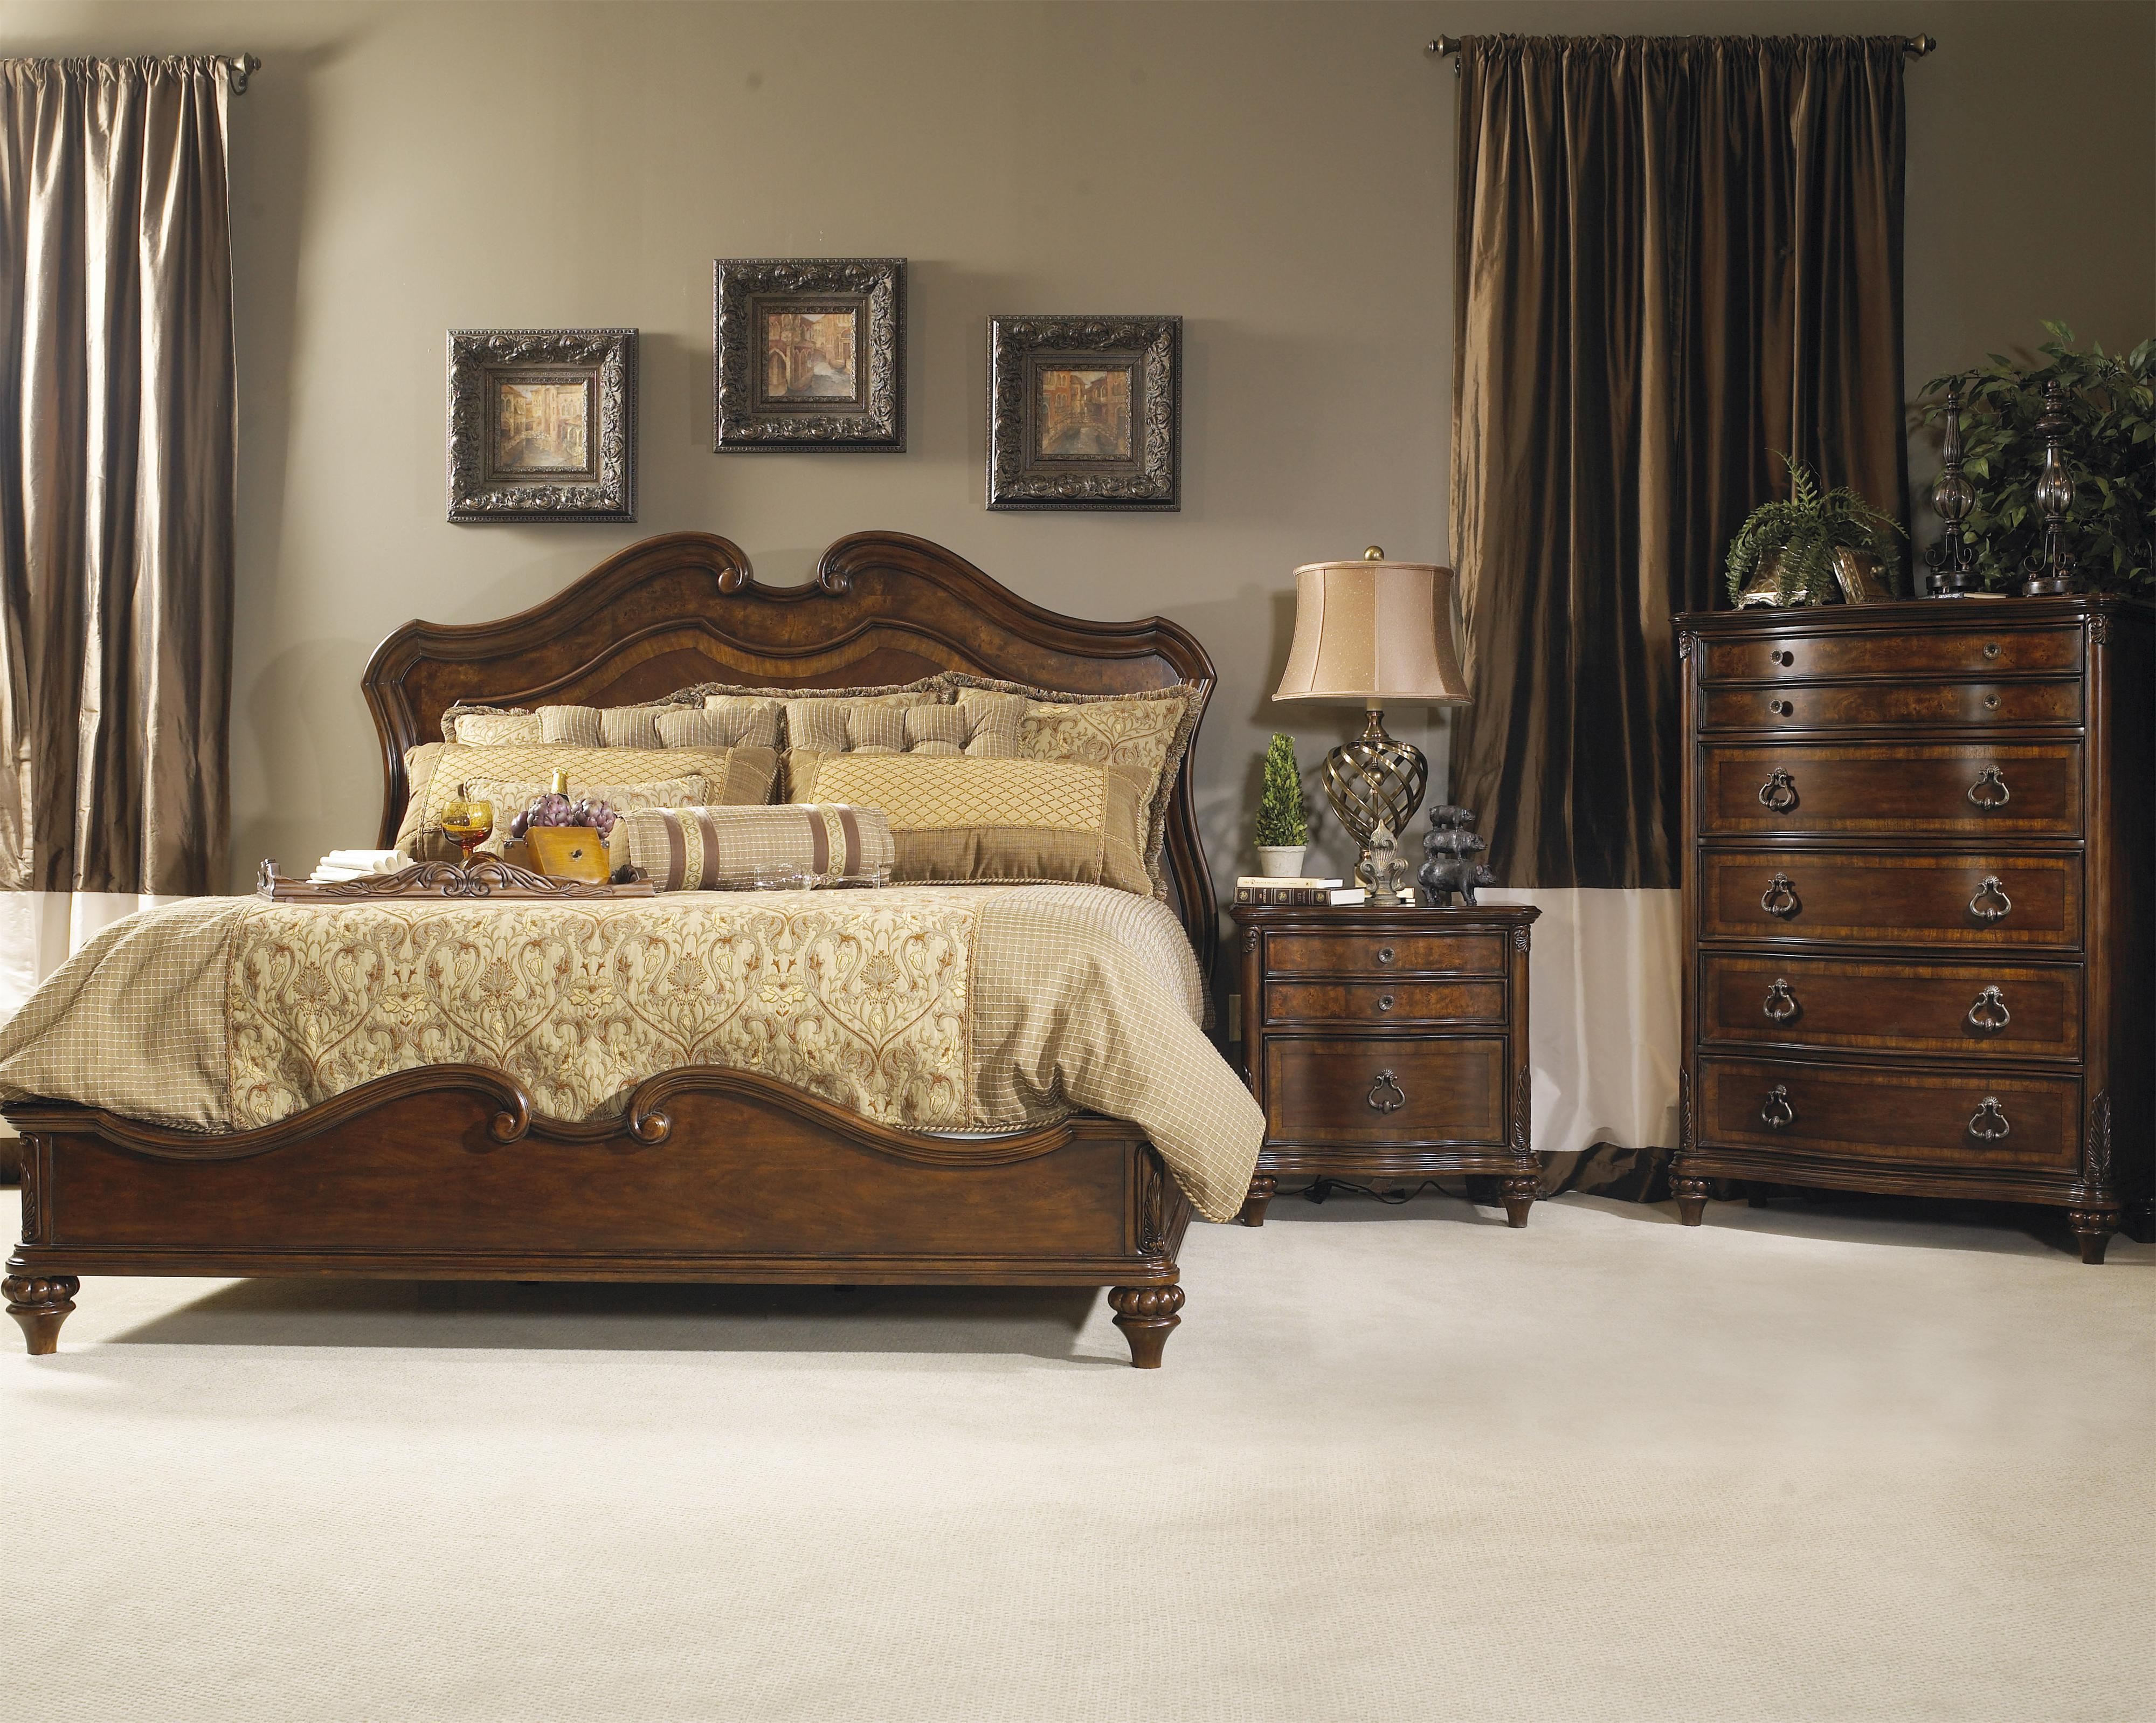 Fairmont Designs Marisol Piece Queen Bedroom Set Dream Home